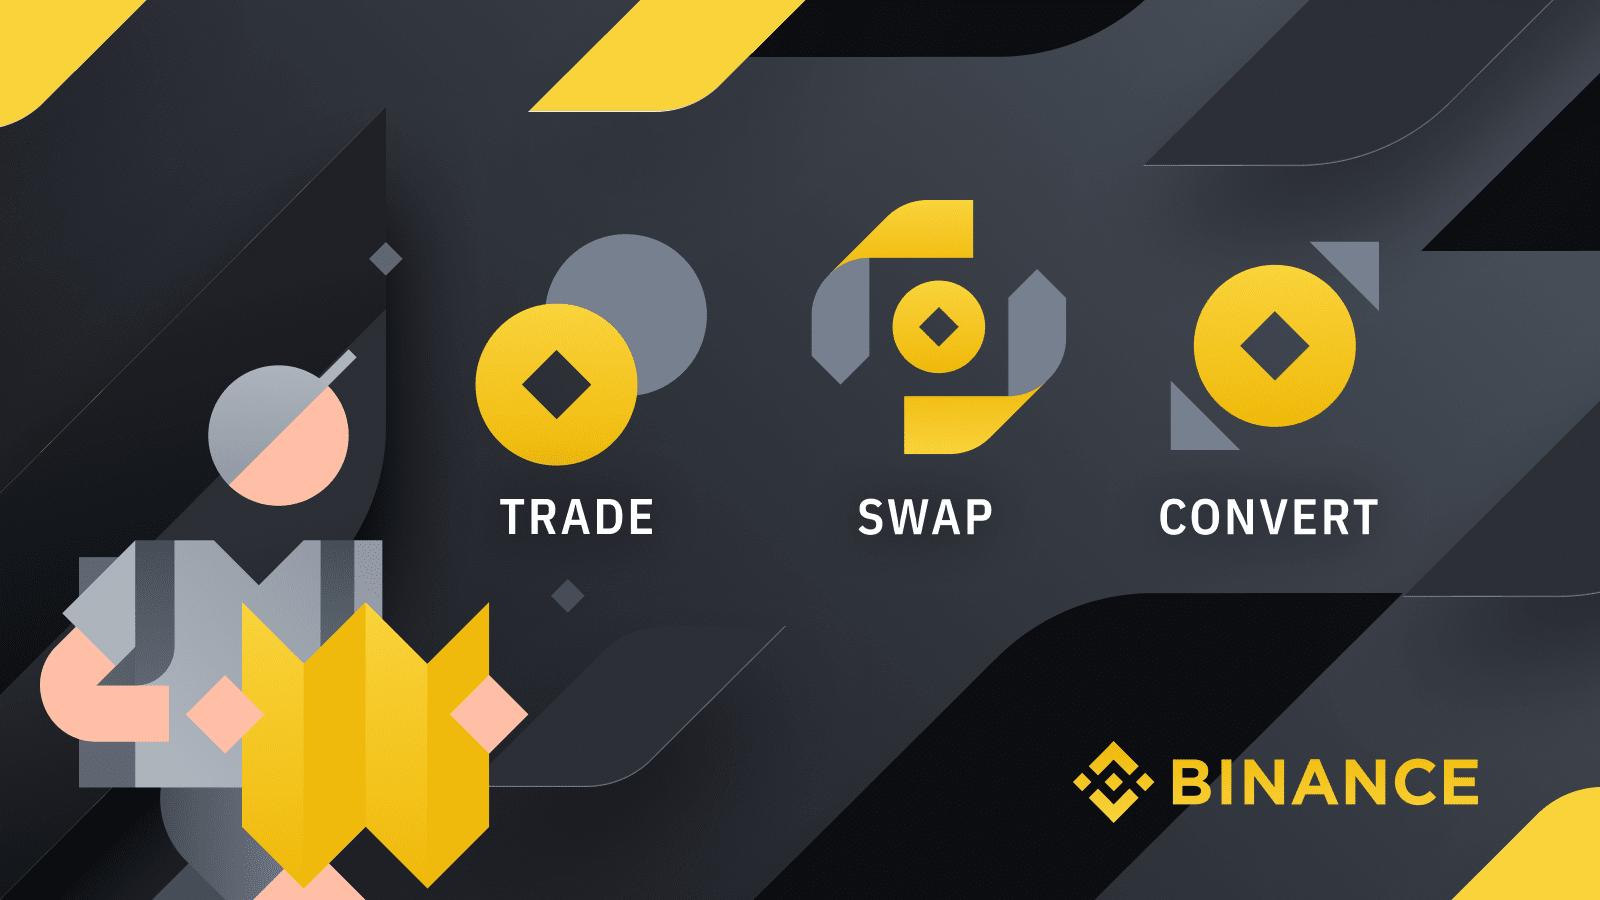 trade btc per binance xrp